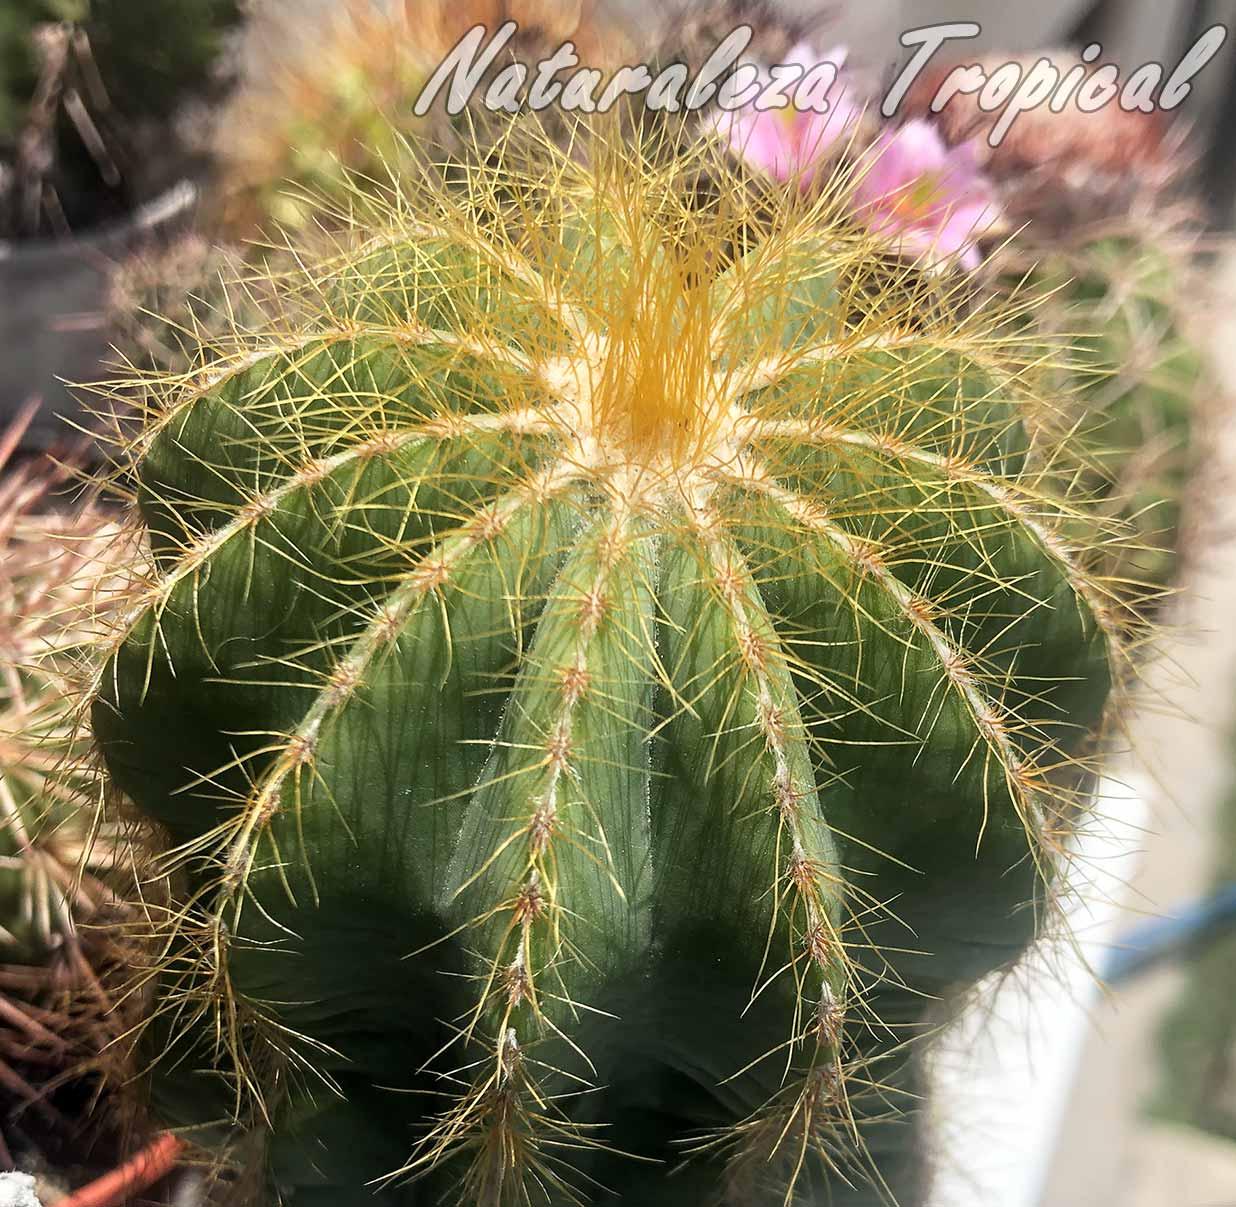 Vista del tallo del cactus Parodia magnifica